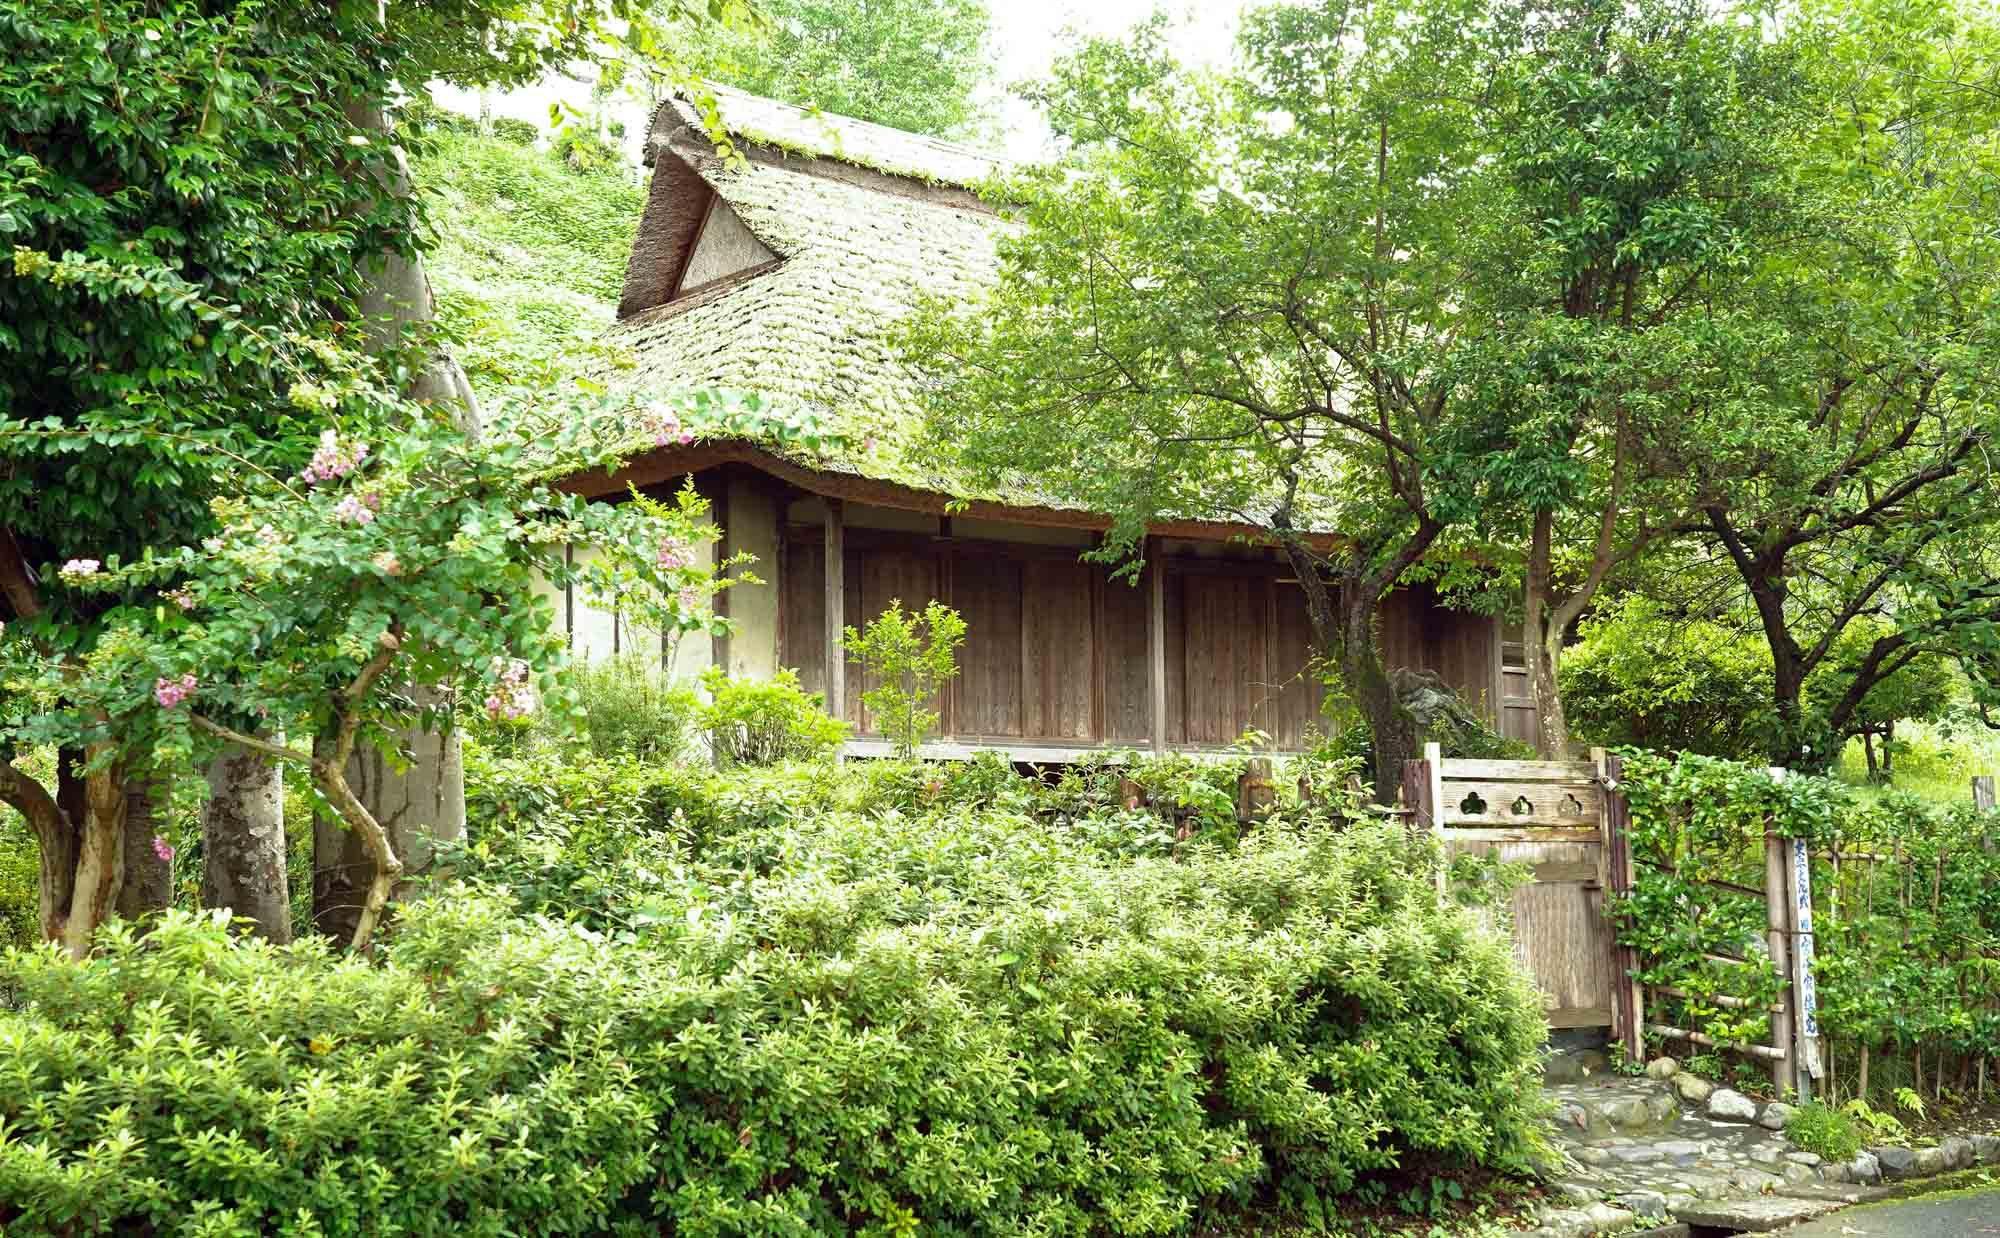 庭の恵みを満喫しよう。一戸建てに住むなら知っておきたい、庭木の剪定方法